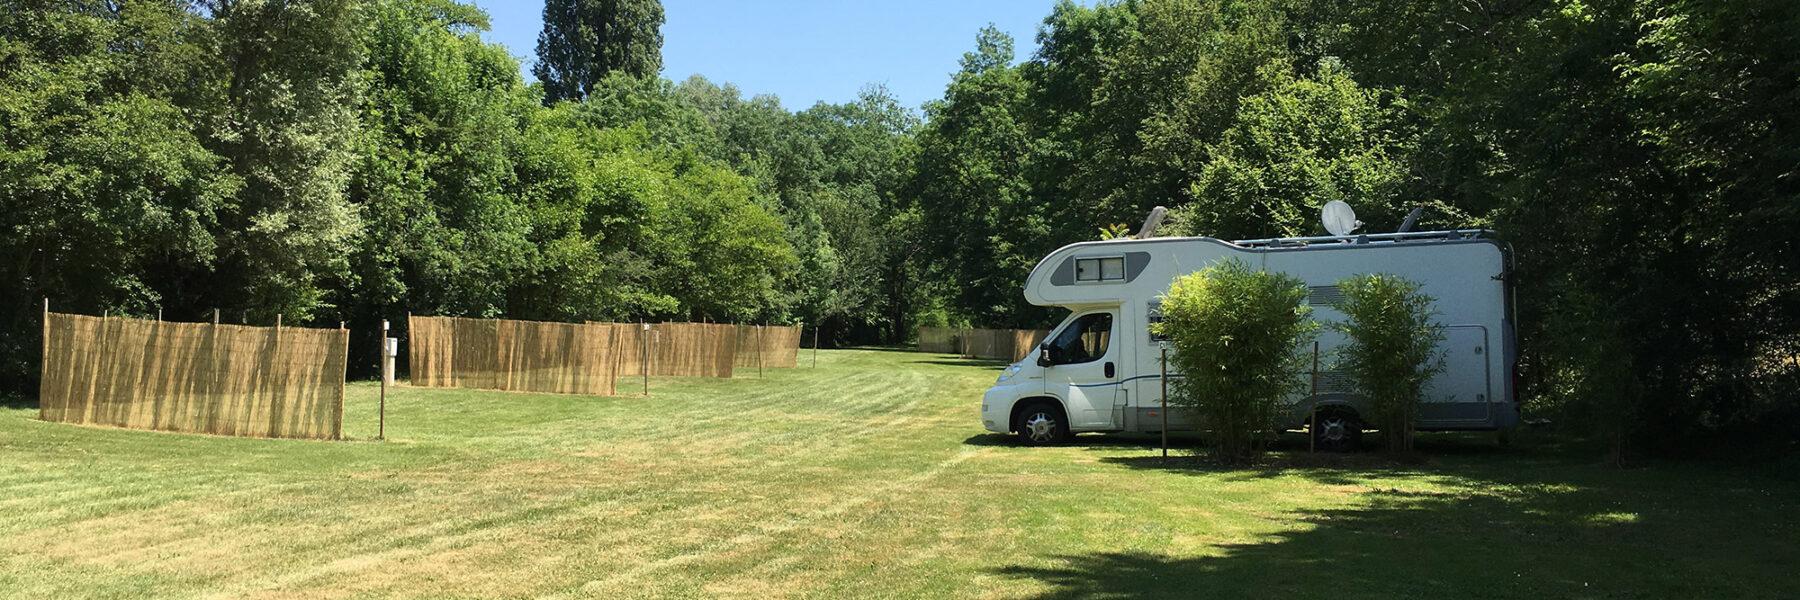 Emplacement pour camping-car camping périgord noir